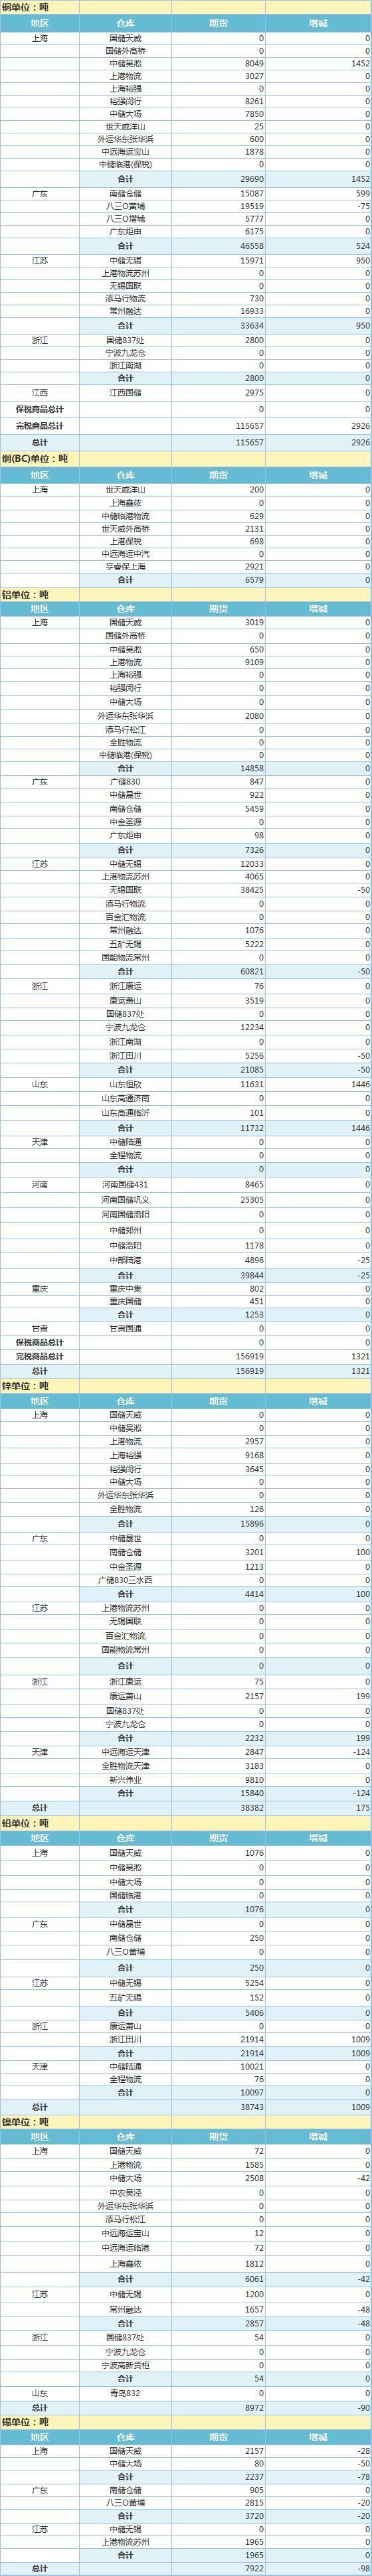 3月31日上海期货交易所金属库存日报